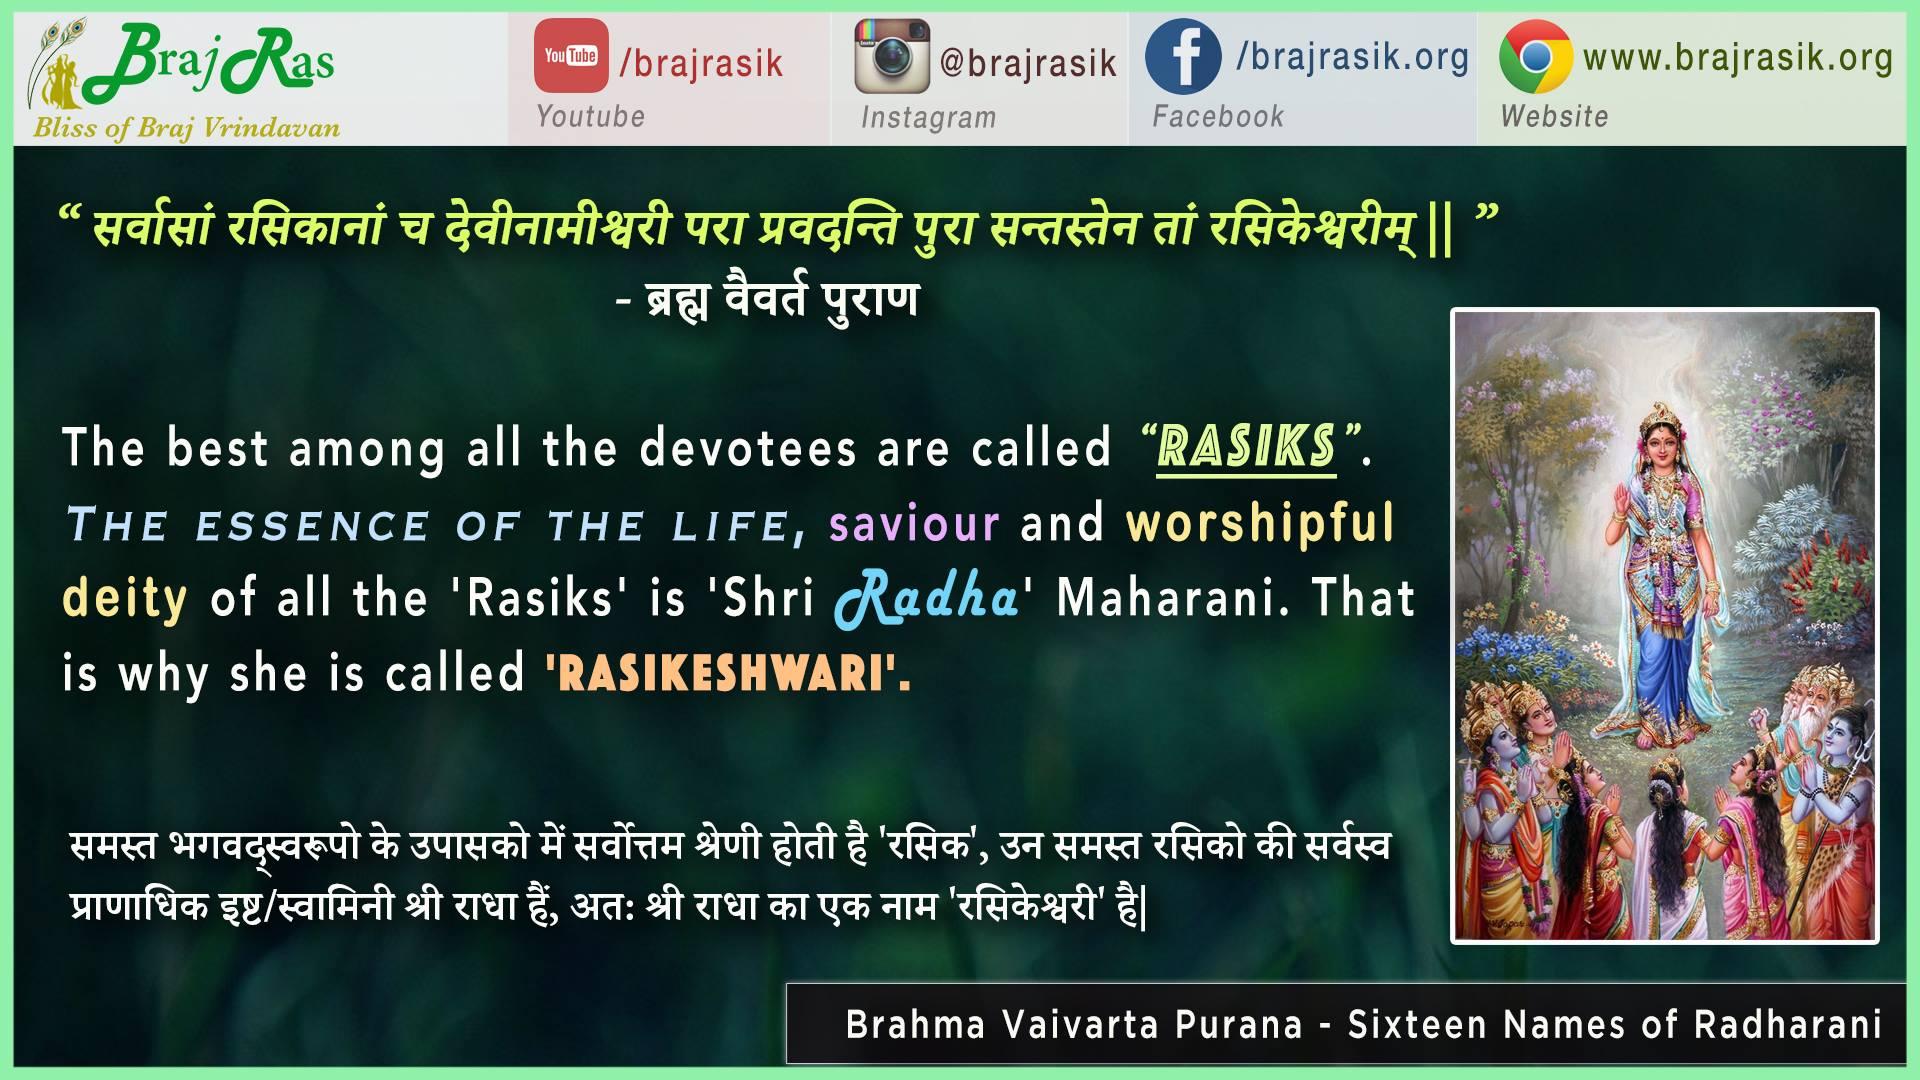 sarvasan rasikanan ch devi namishwari - Brahma Vaivarta Purana - Sixteen Names of Radharani